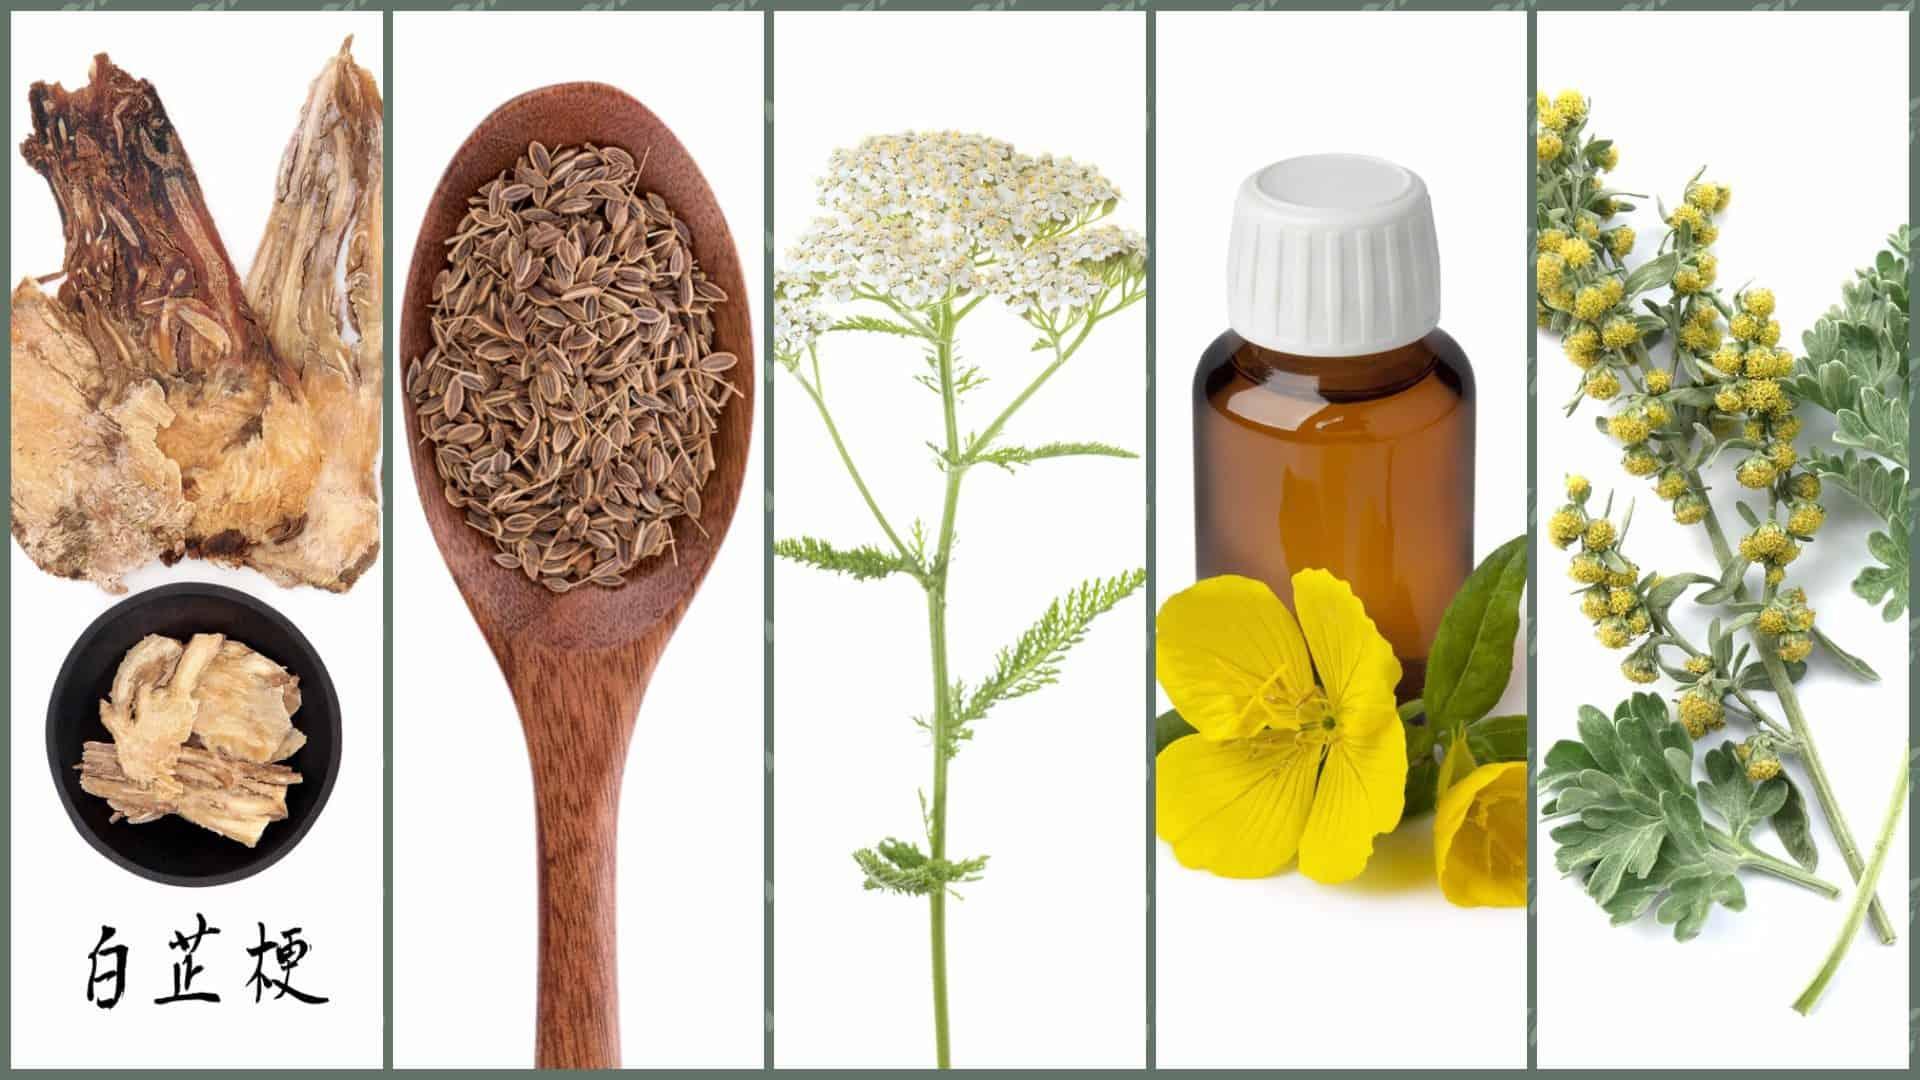 צמחי מרפא לכאבי מחזור